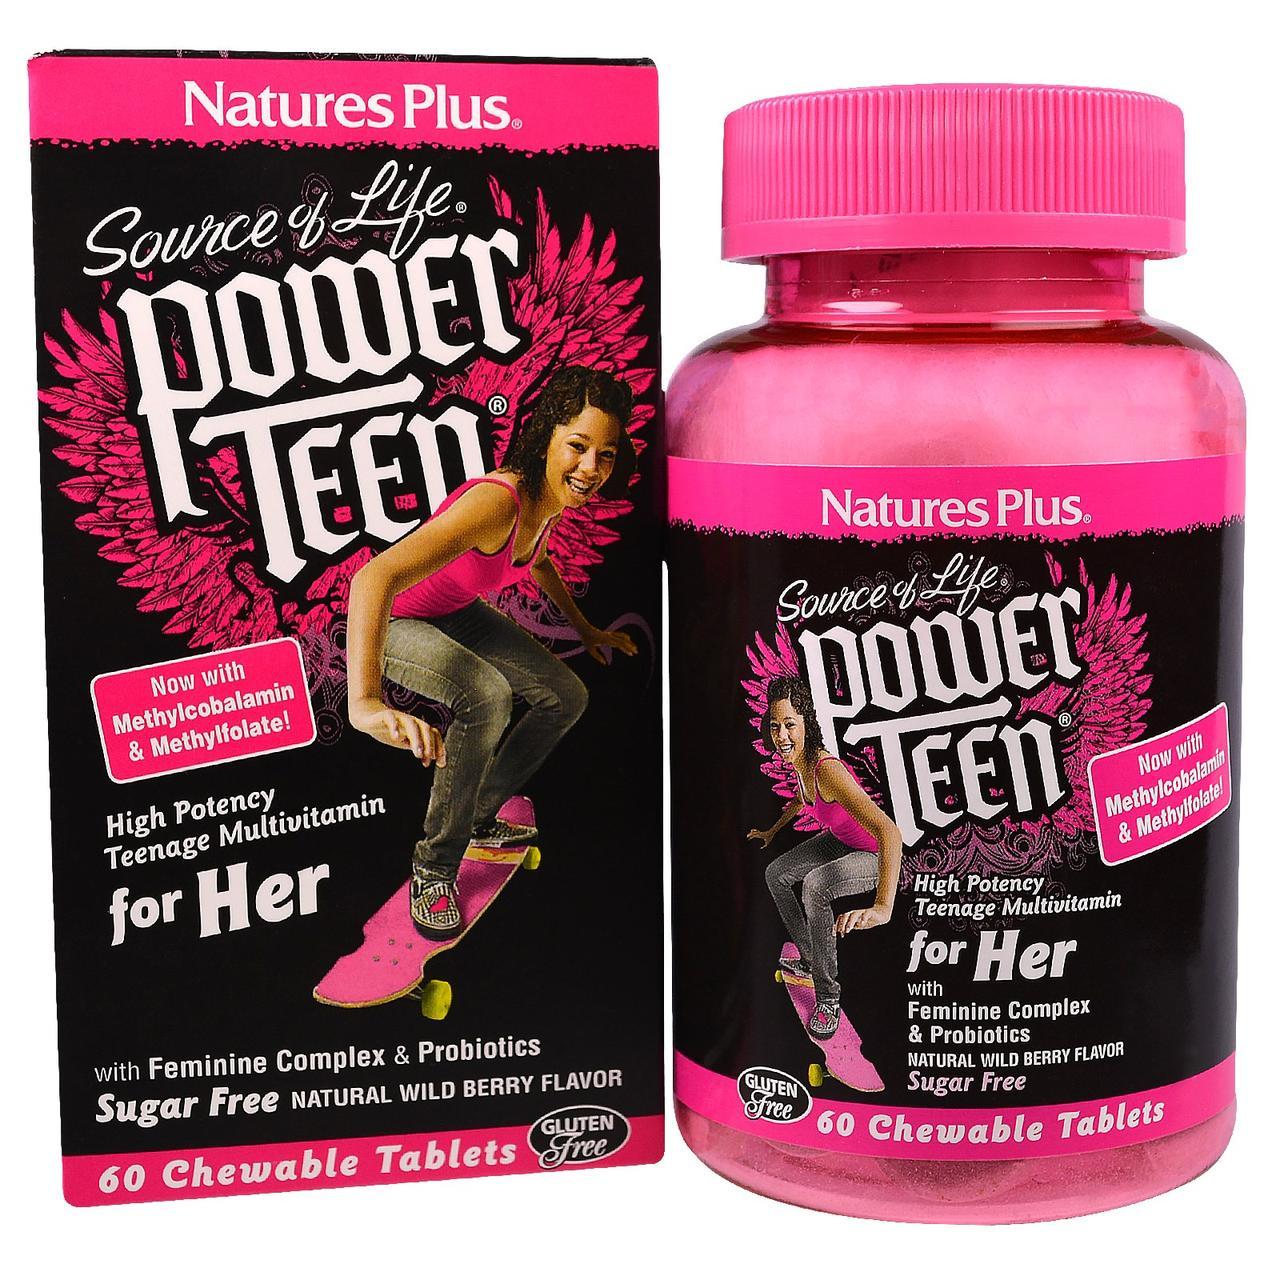 Мультивитамины для Девушек, Вкус Лесных Ягод, Power Teen, Natures Plus, 60 жевательных таблеток